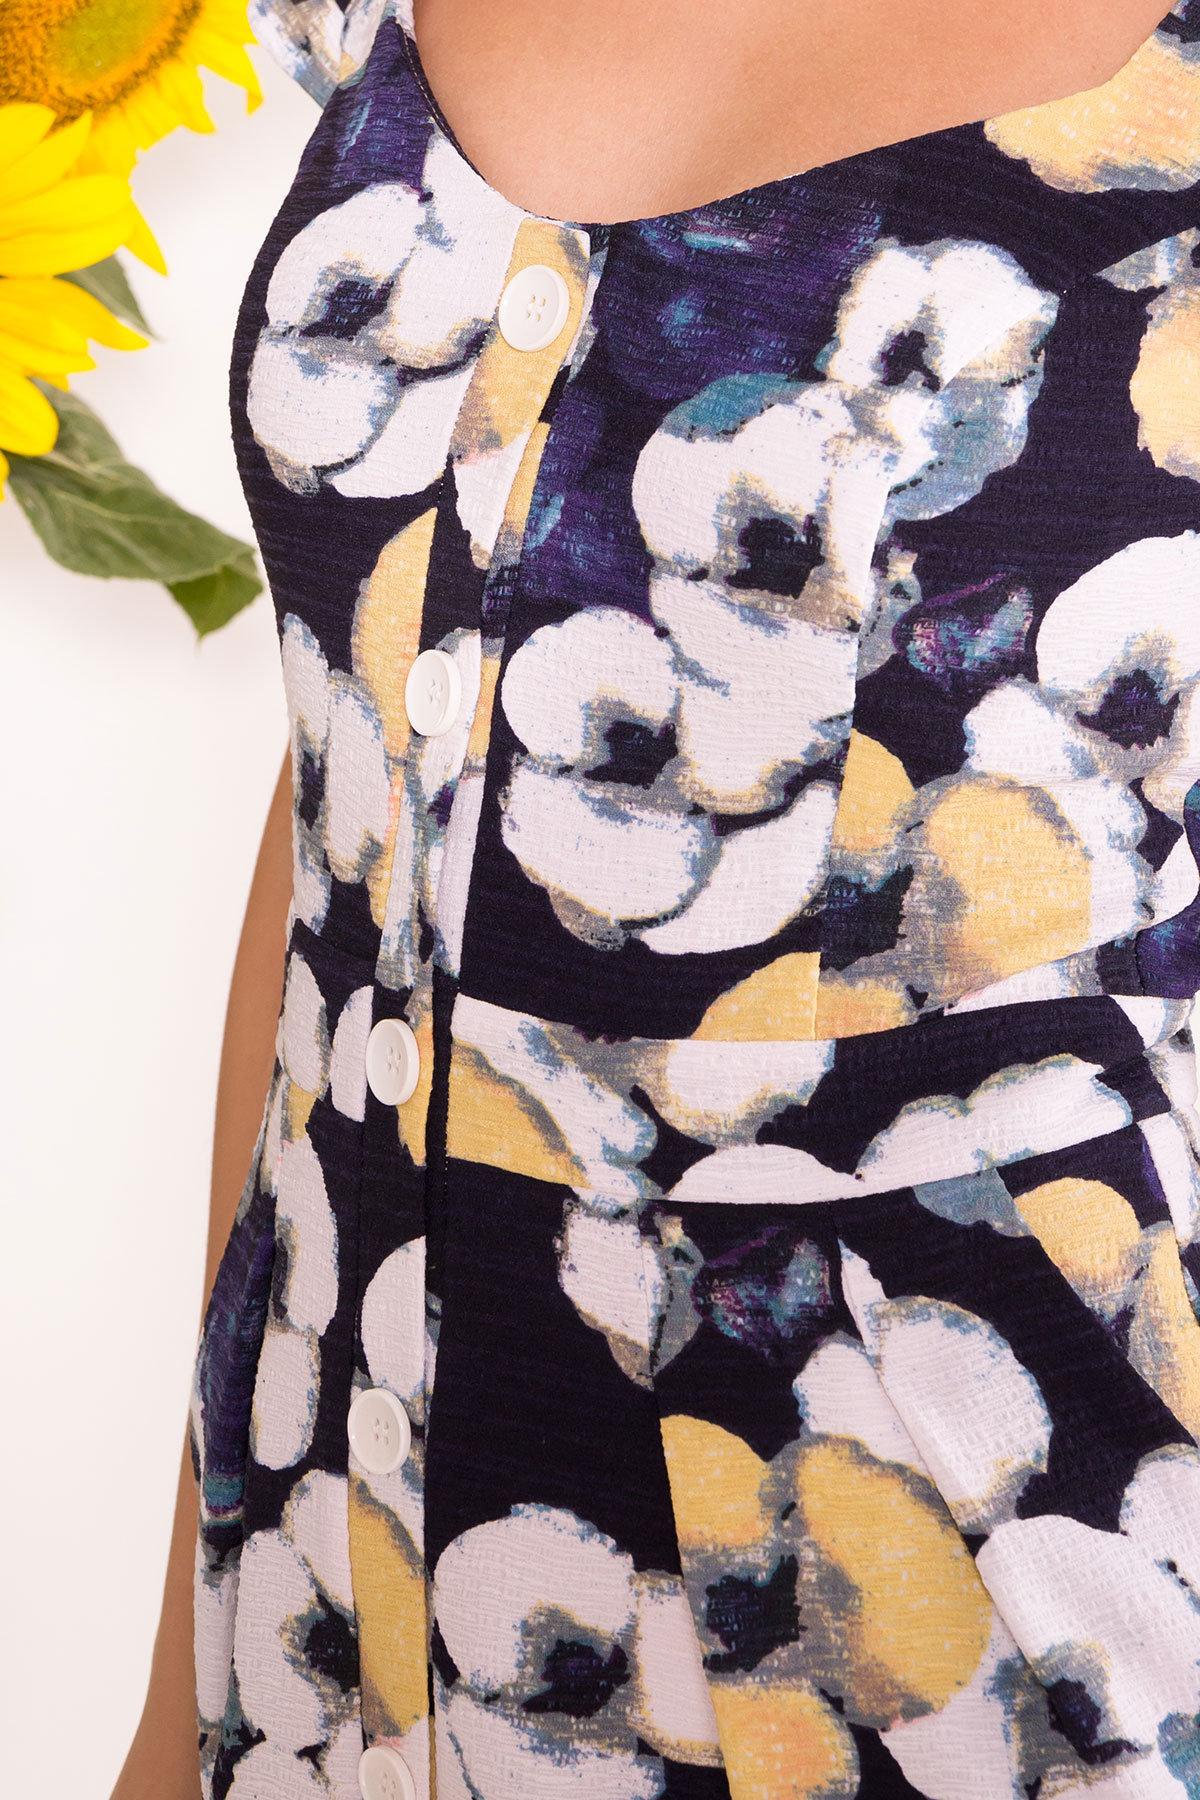 Платье Марсель 7612 АРТ. 43549 Цвет: Ромашка т.син больш - фото 4, интернет магазин tm-modus.ru